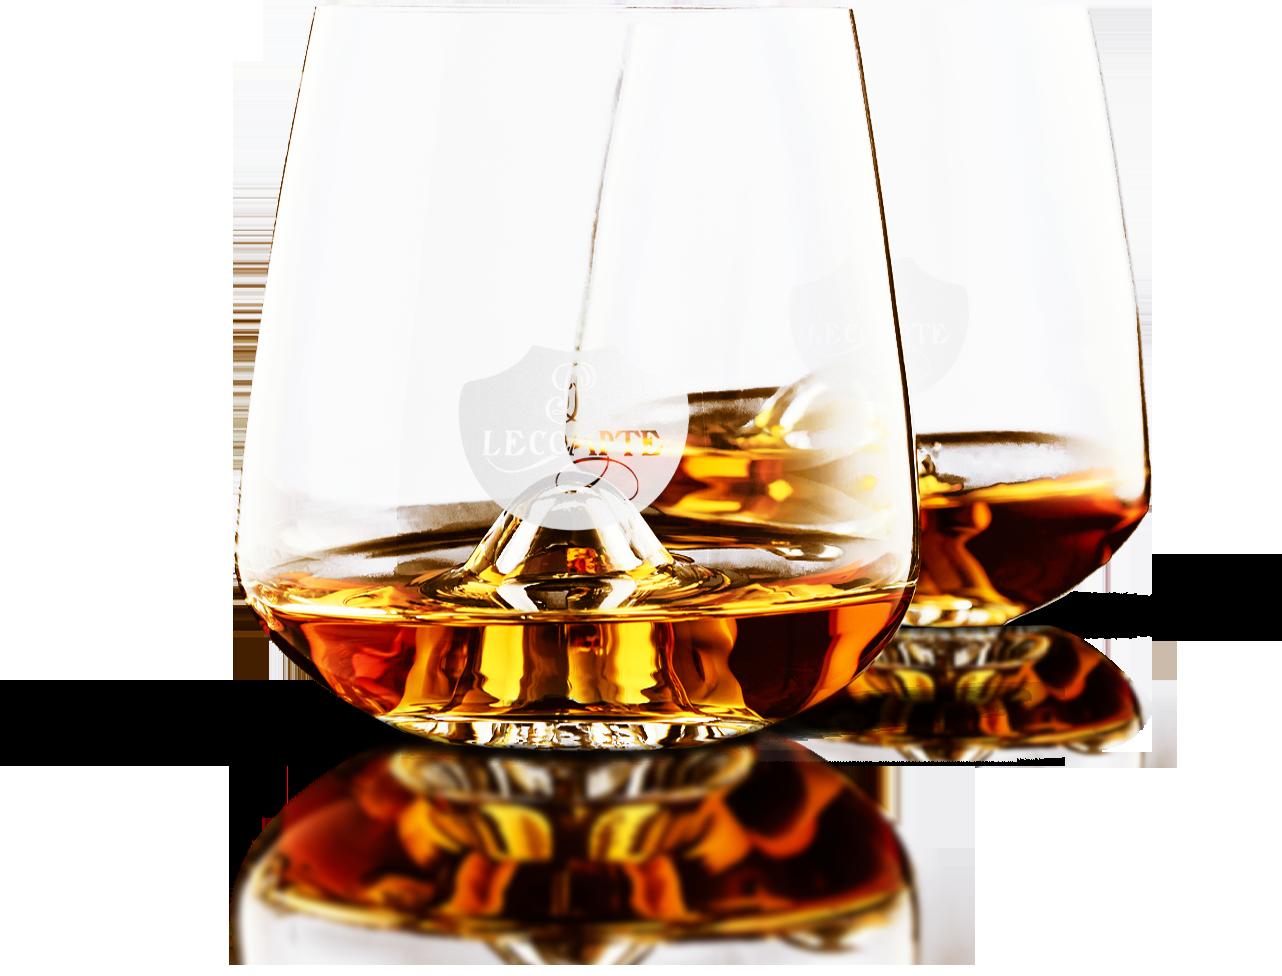 Lecompte Calvados Pays Auge Premium